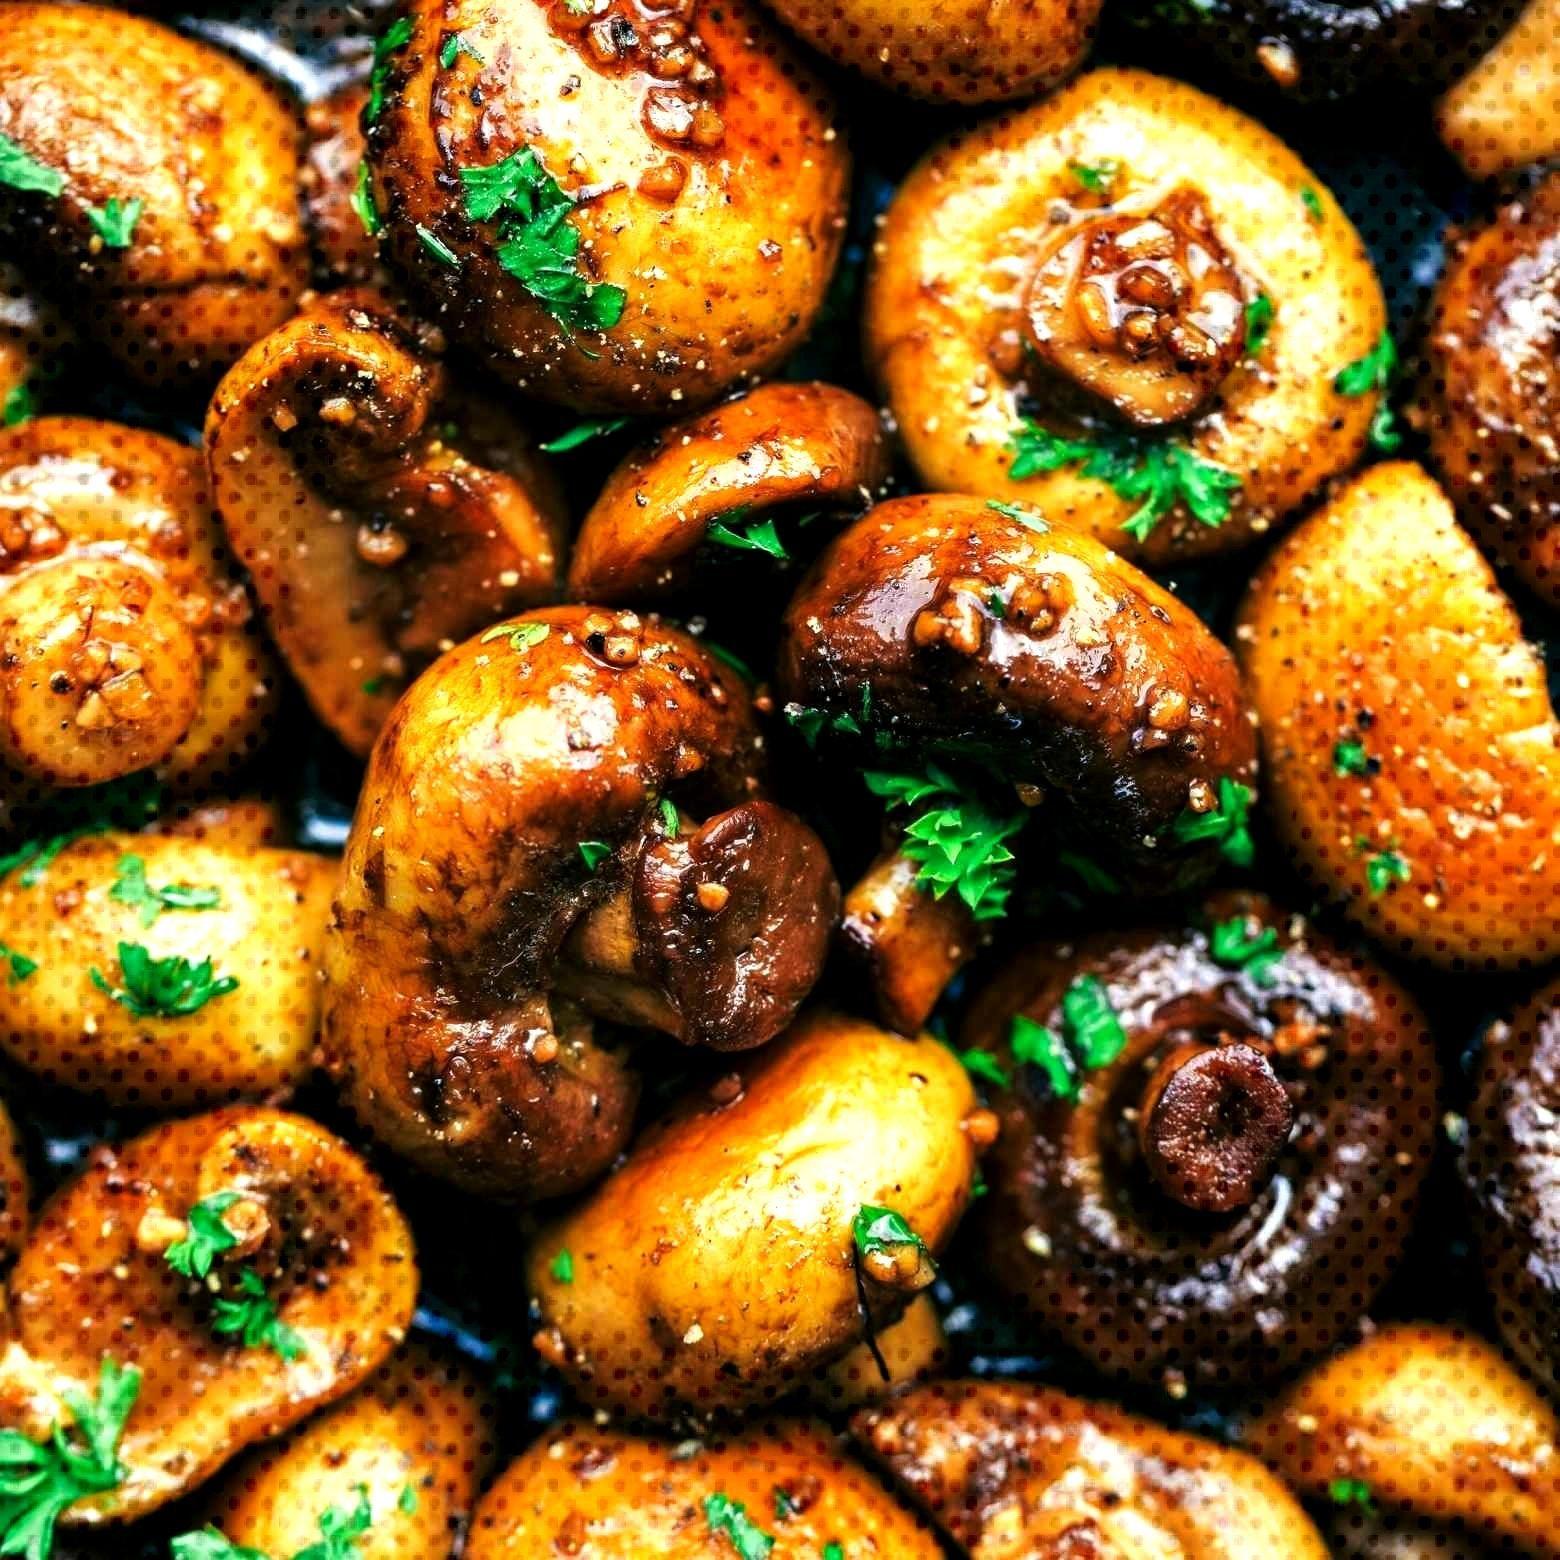 Honey-balsamic-garlic mushrooms - recipes - Honey-balsamic-garlic mushrooms – recipes -